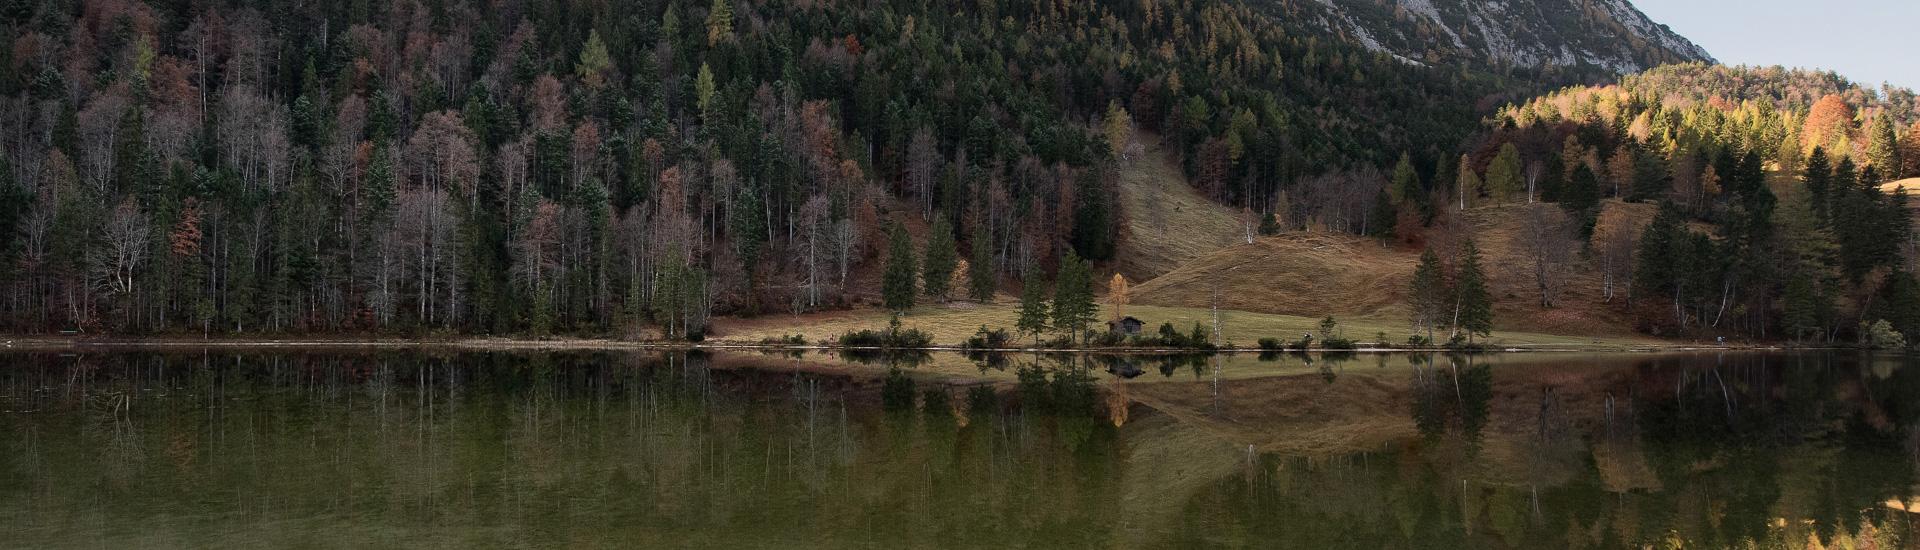 Schmalensee, Ferchensee, Barmsee – hier reflektiert sich das Karwendel